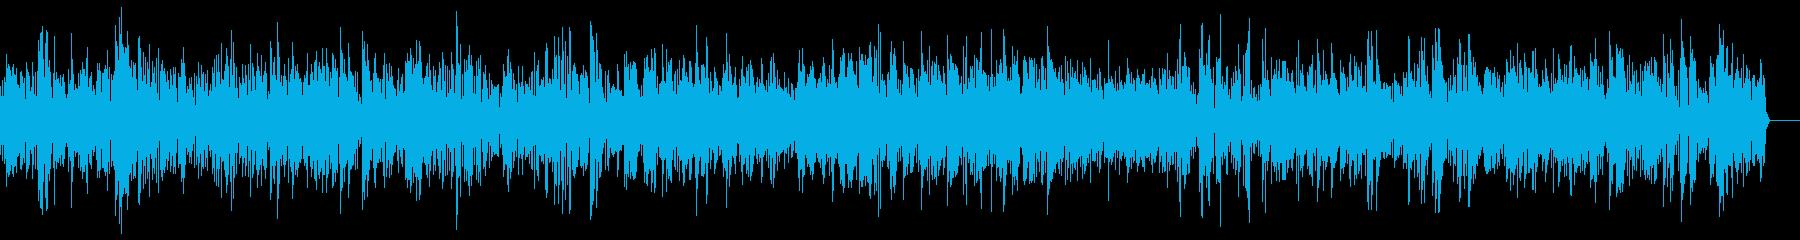 テナーサックス主役の曲の再生済みの波形